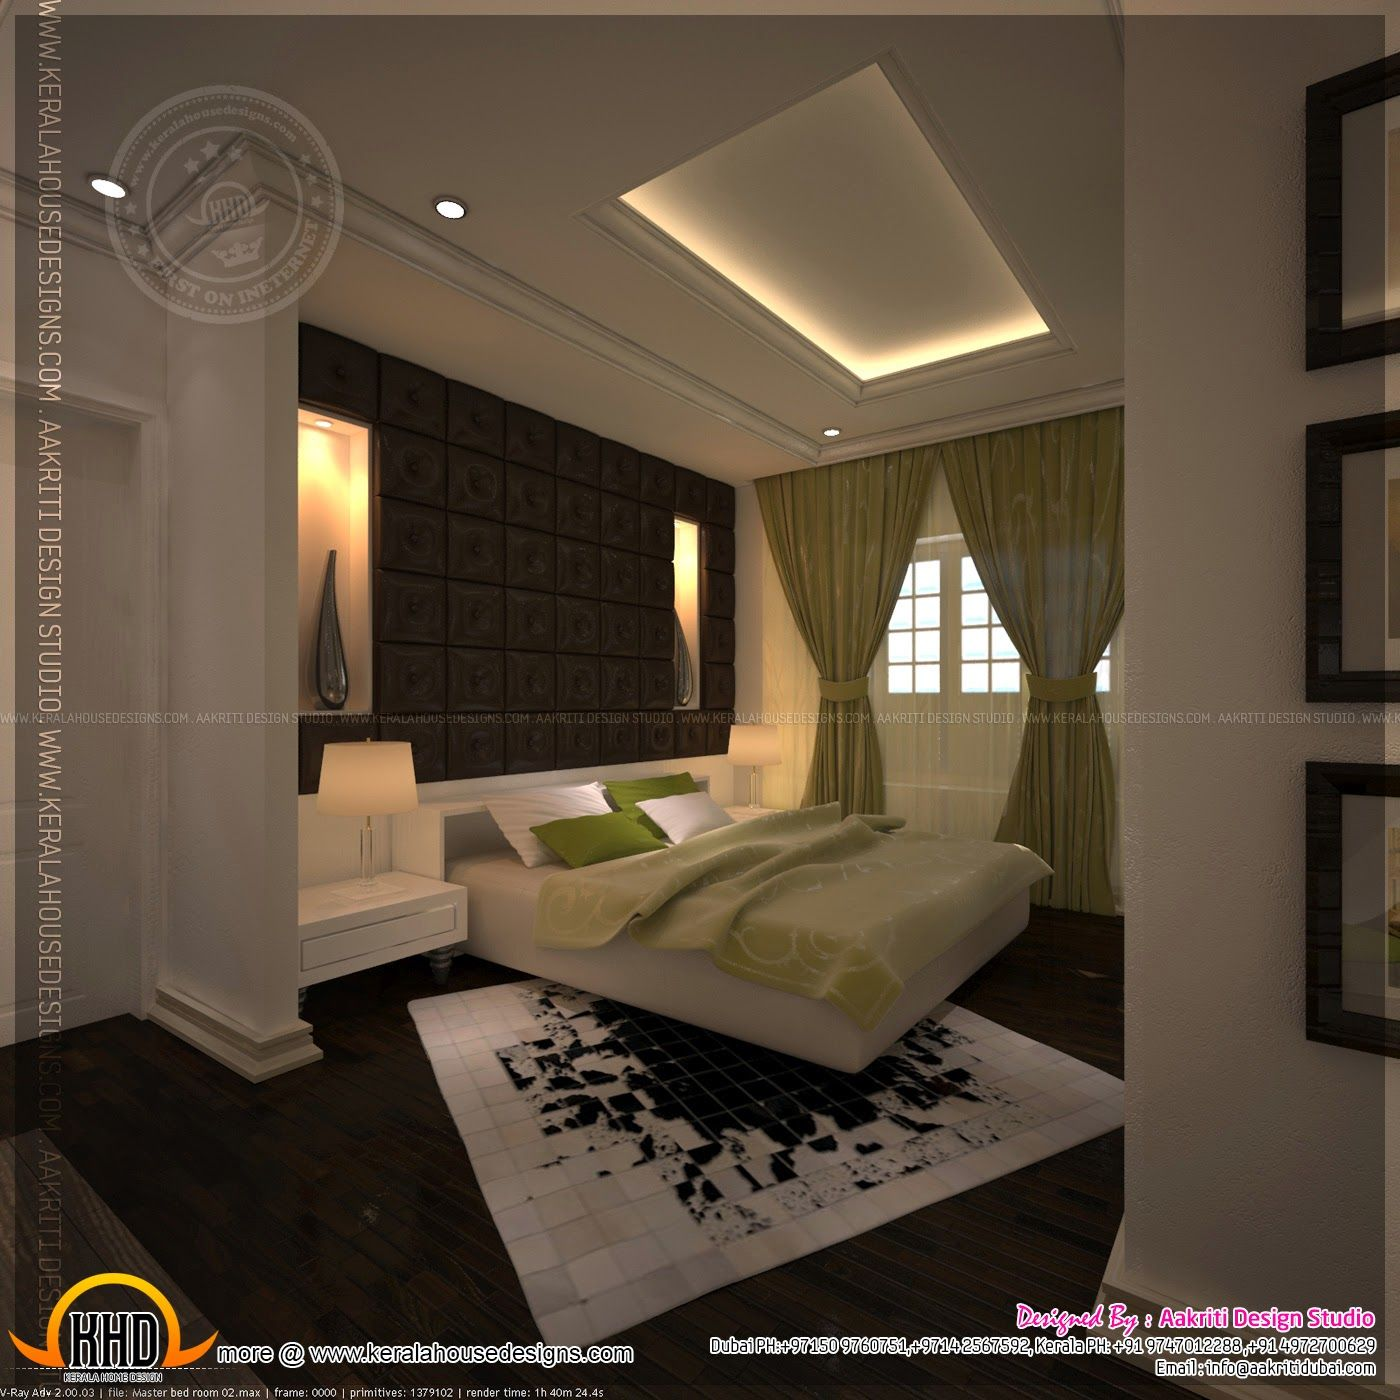 25 Best Master Bedroom Design Ideas  Master Bedroom Design Adorable Best Living Room Designs In India Design Inspiration